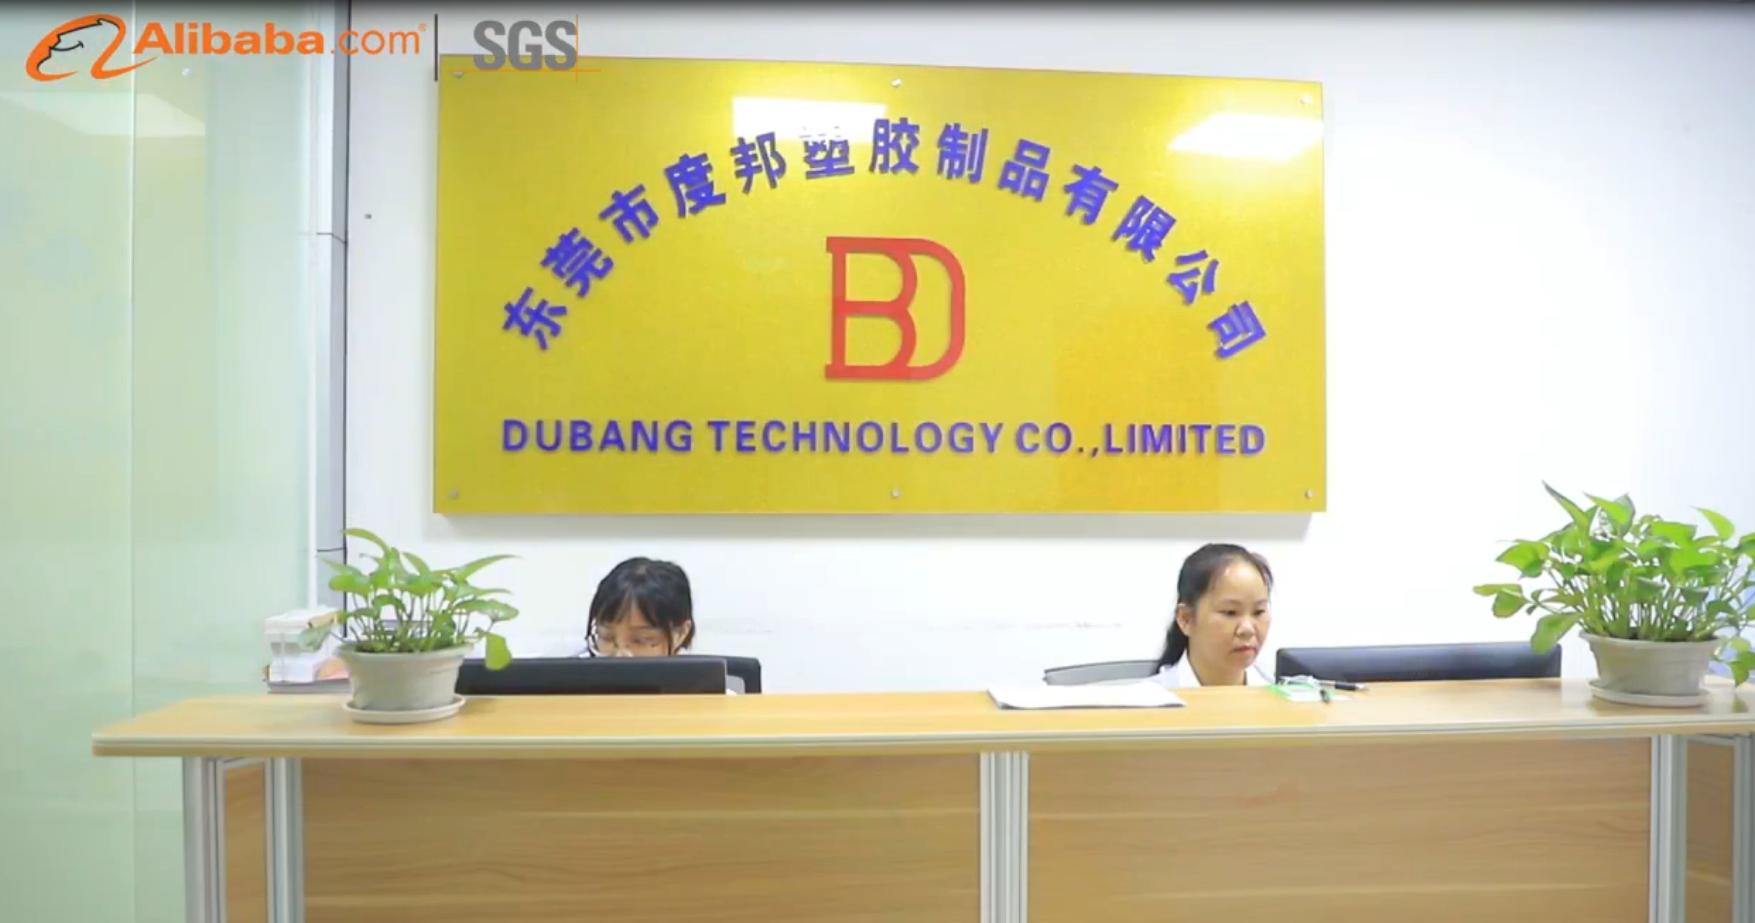 熱烈祝賀我司(度邦制品)順利通過SGS認證,成為阿里巴巴深度驗廠的企業!